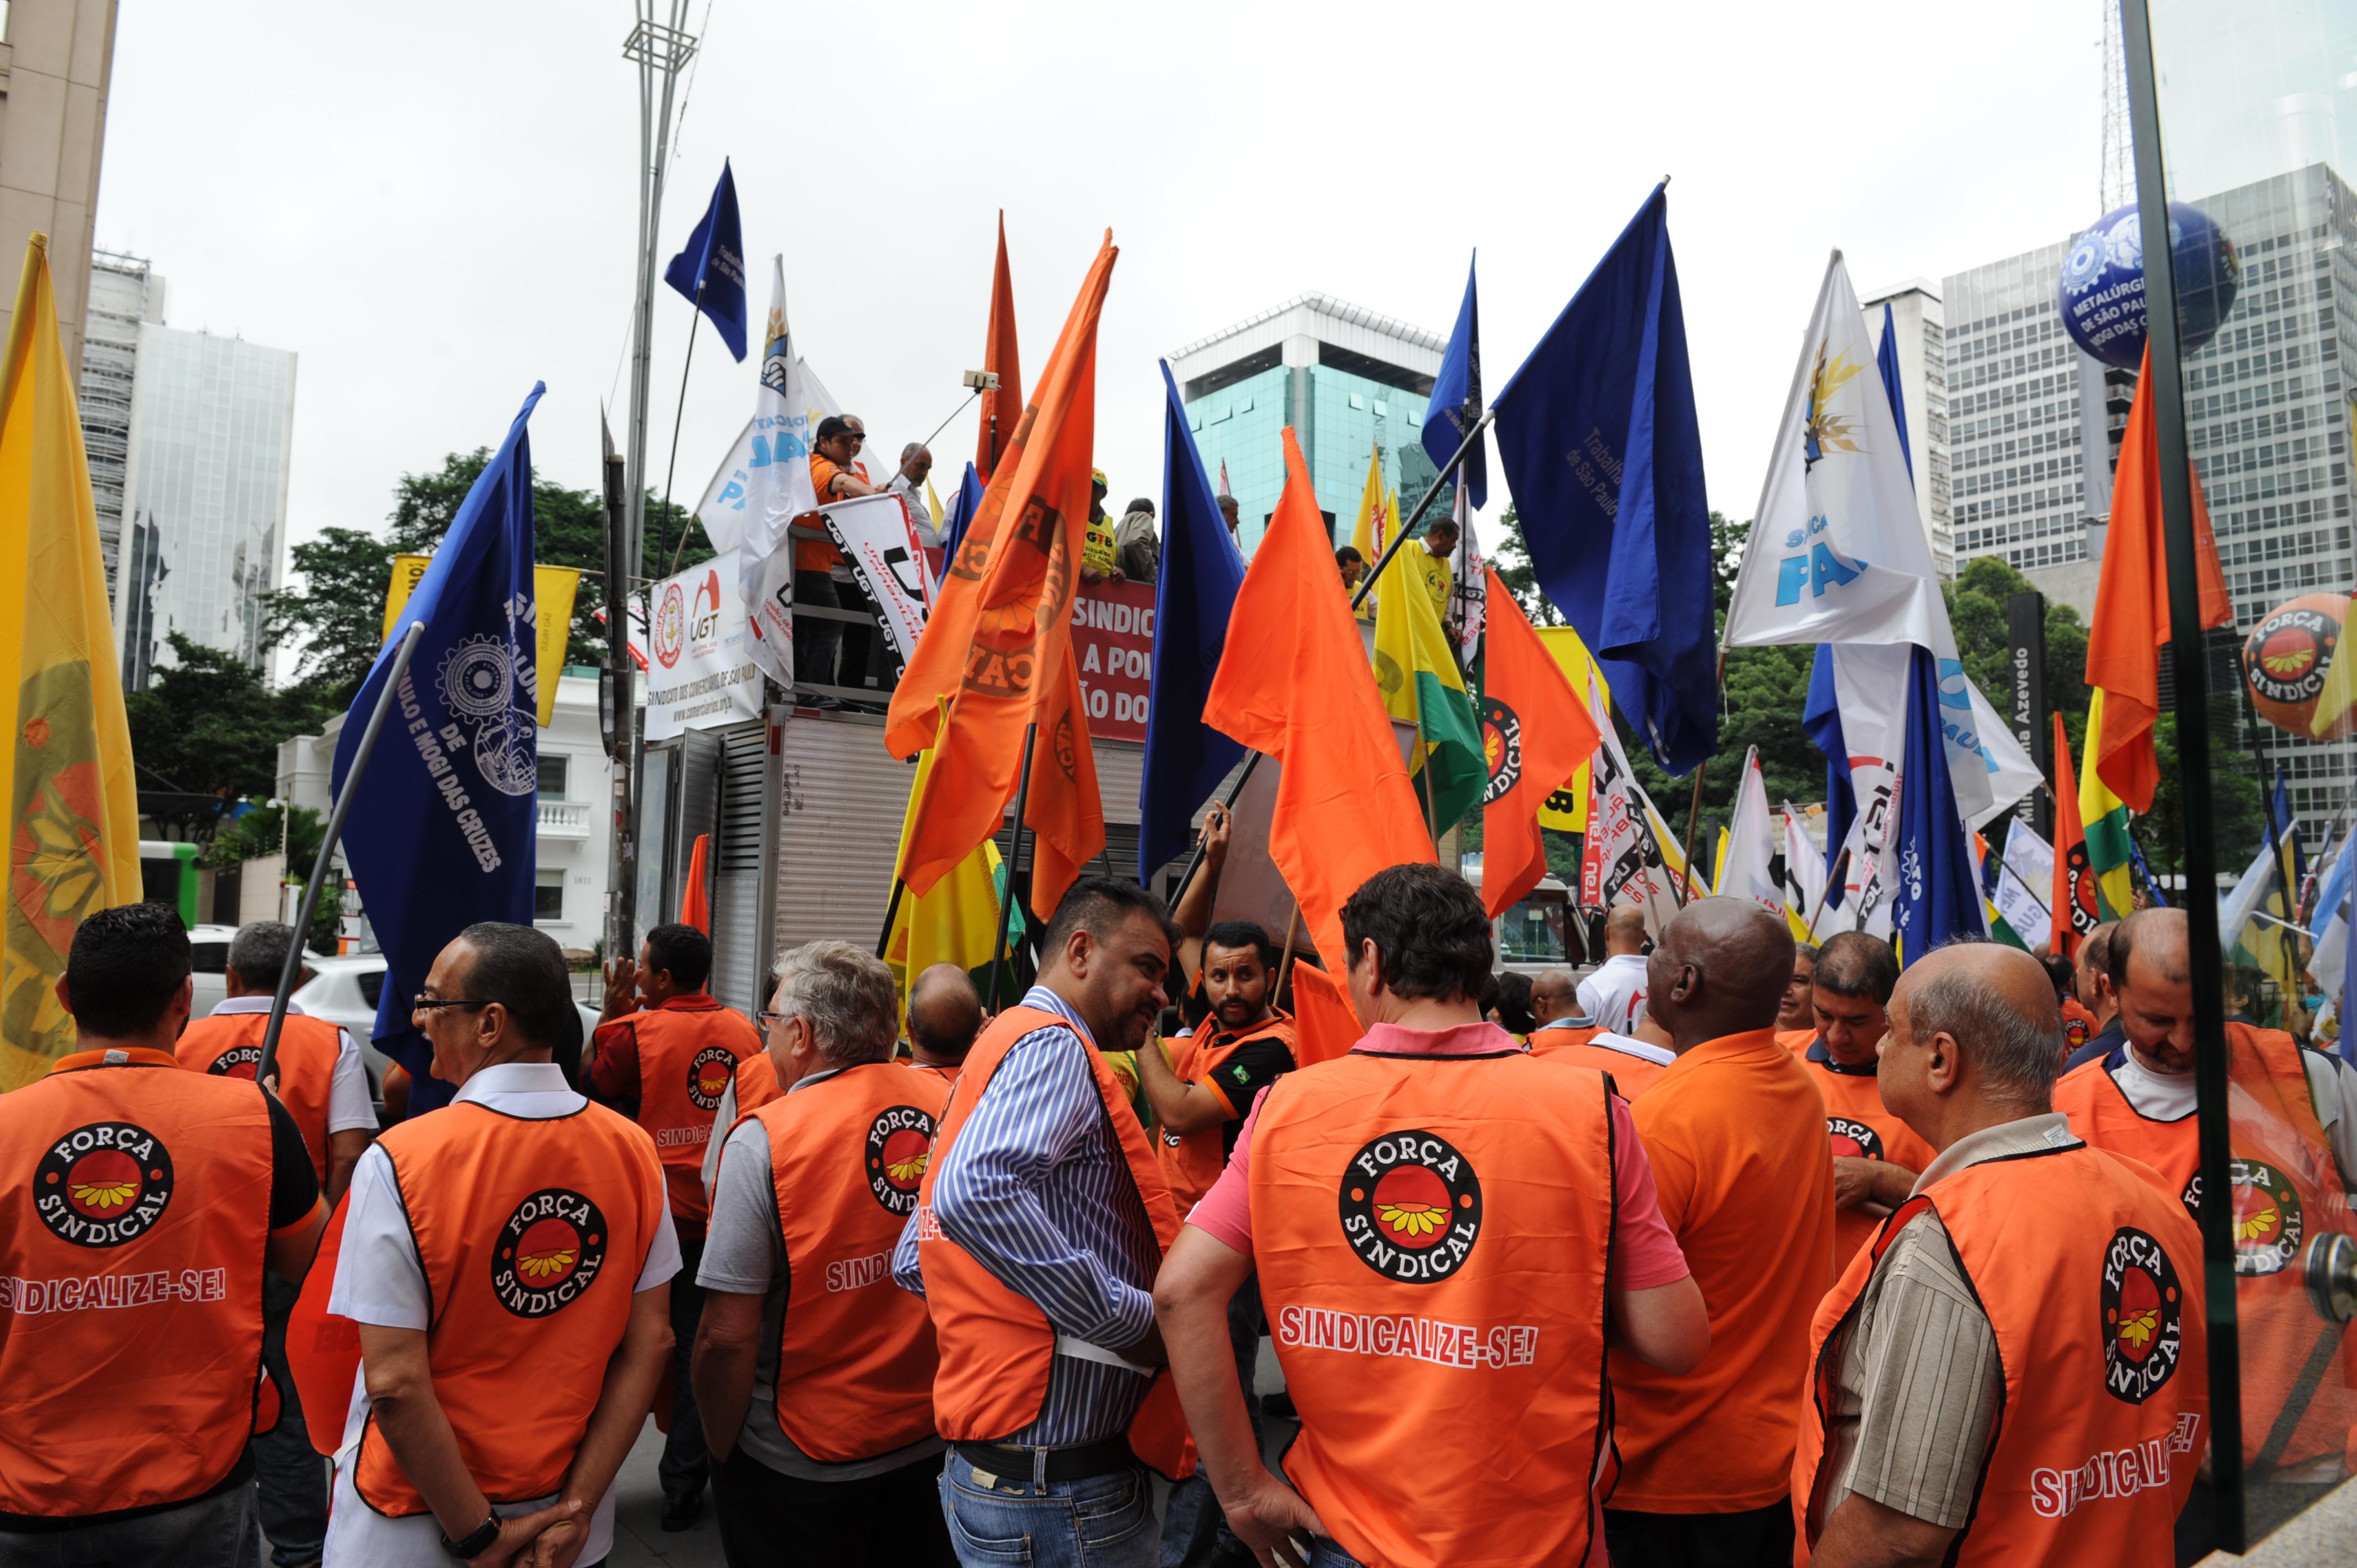 IMAGEM: Governo Bolsonaro tenta resistir às pressões crescentes pela volta do imposto sindical